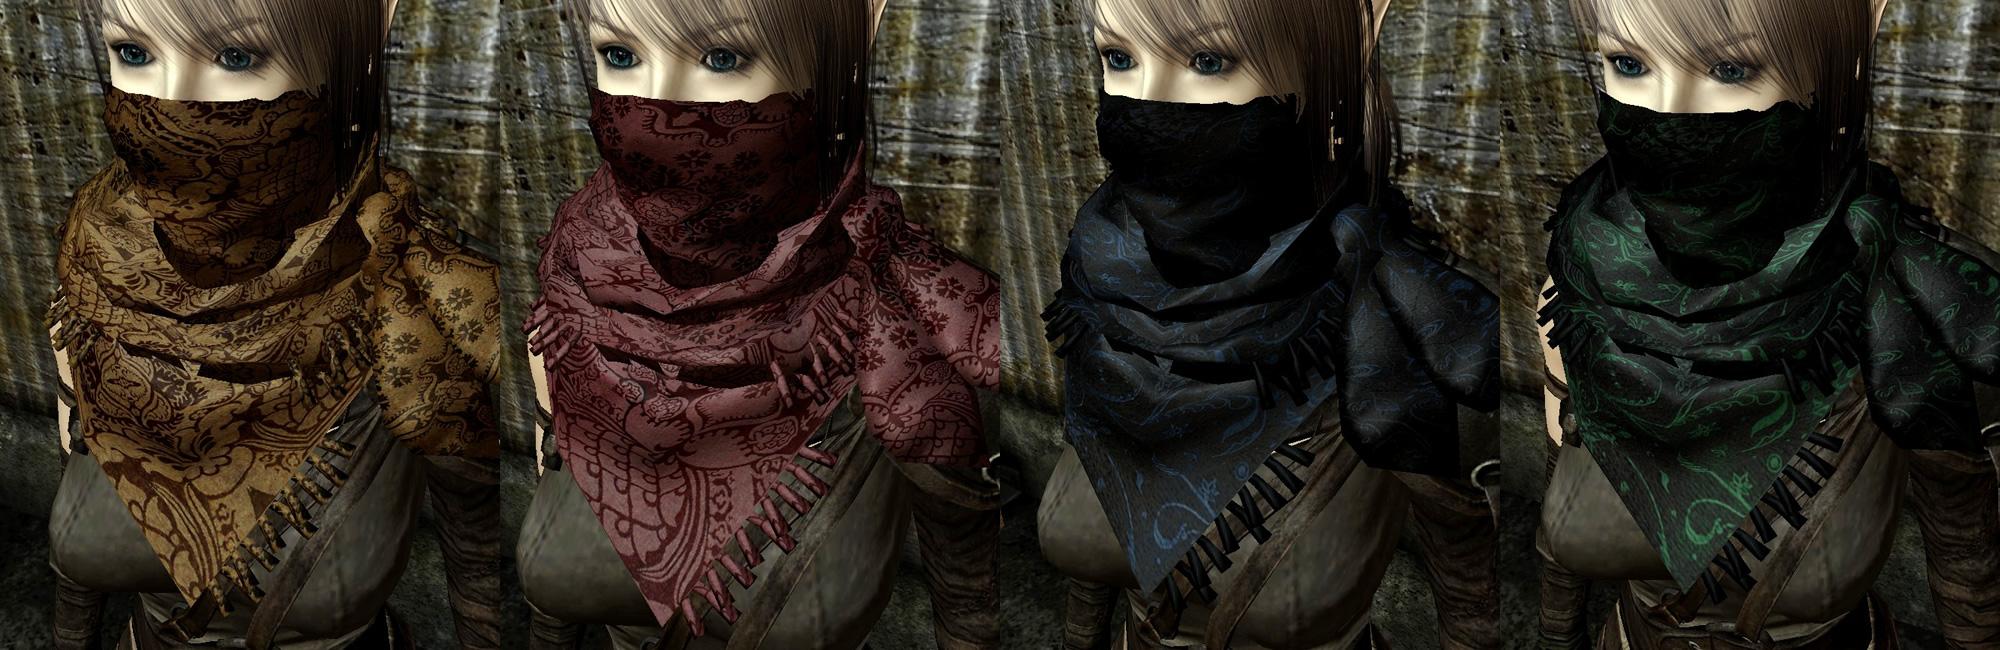 Pimp-my-scarf4